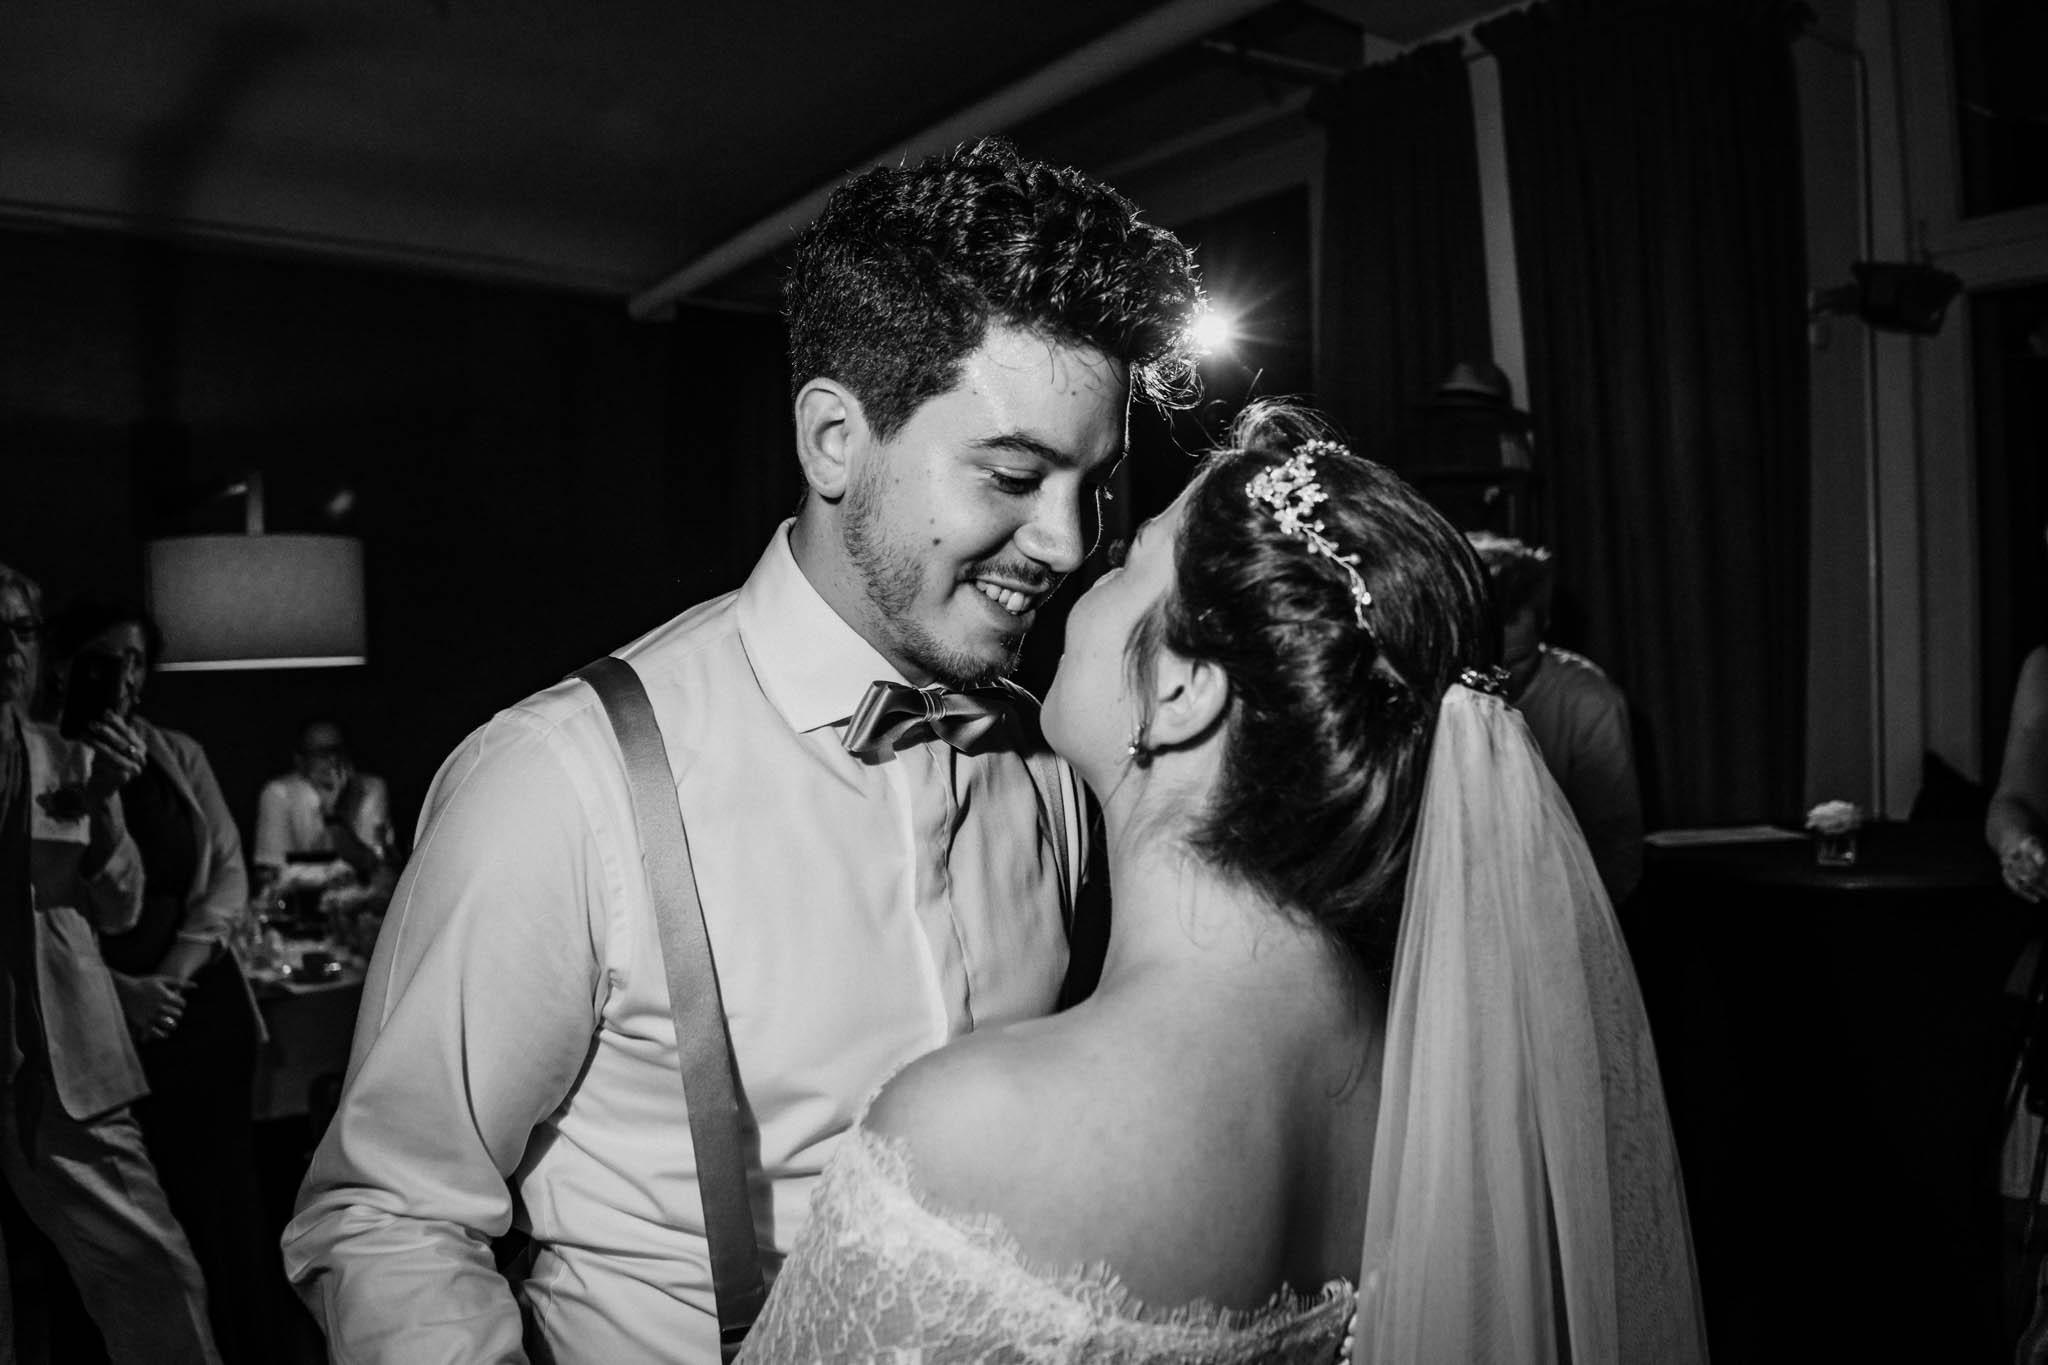 Hochzeitsfieber by Photo-Schomburg, Wedding, Hochzeitsfotograf, Hochzeitspaar, Braut, Bräutigam, Hochzeitstag, Hamburg, Landungsbrücken, Hafenliebe-124